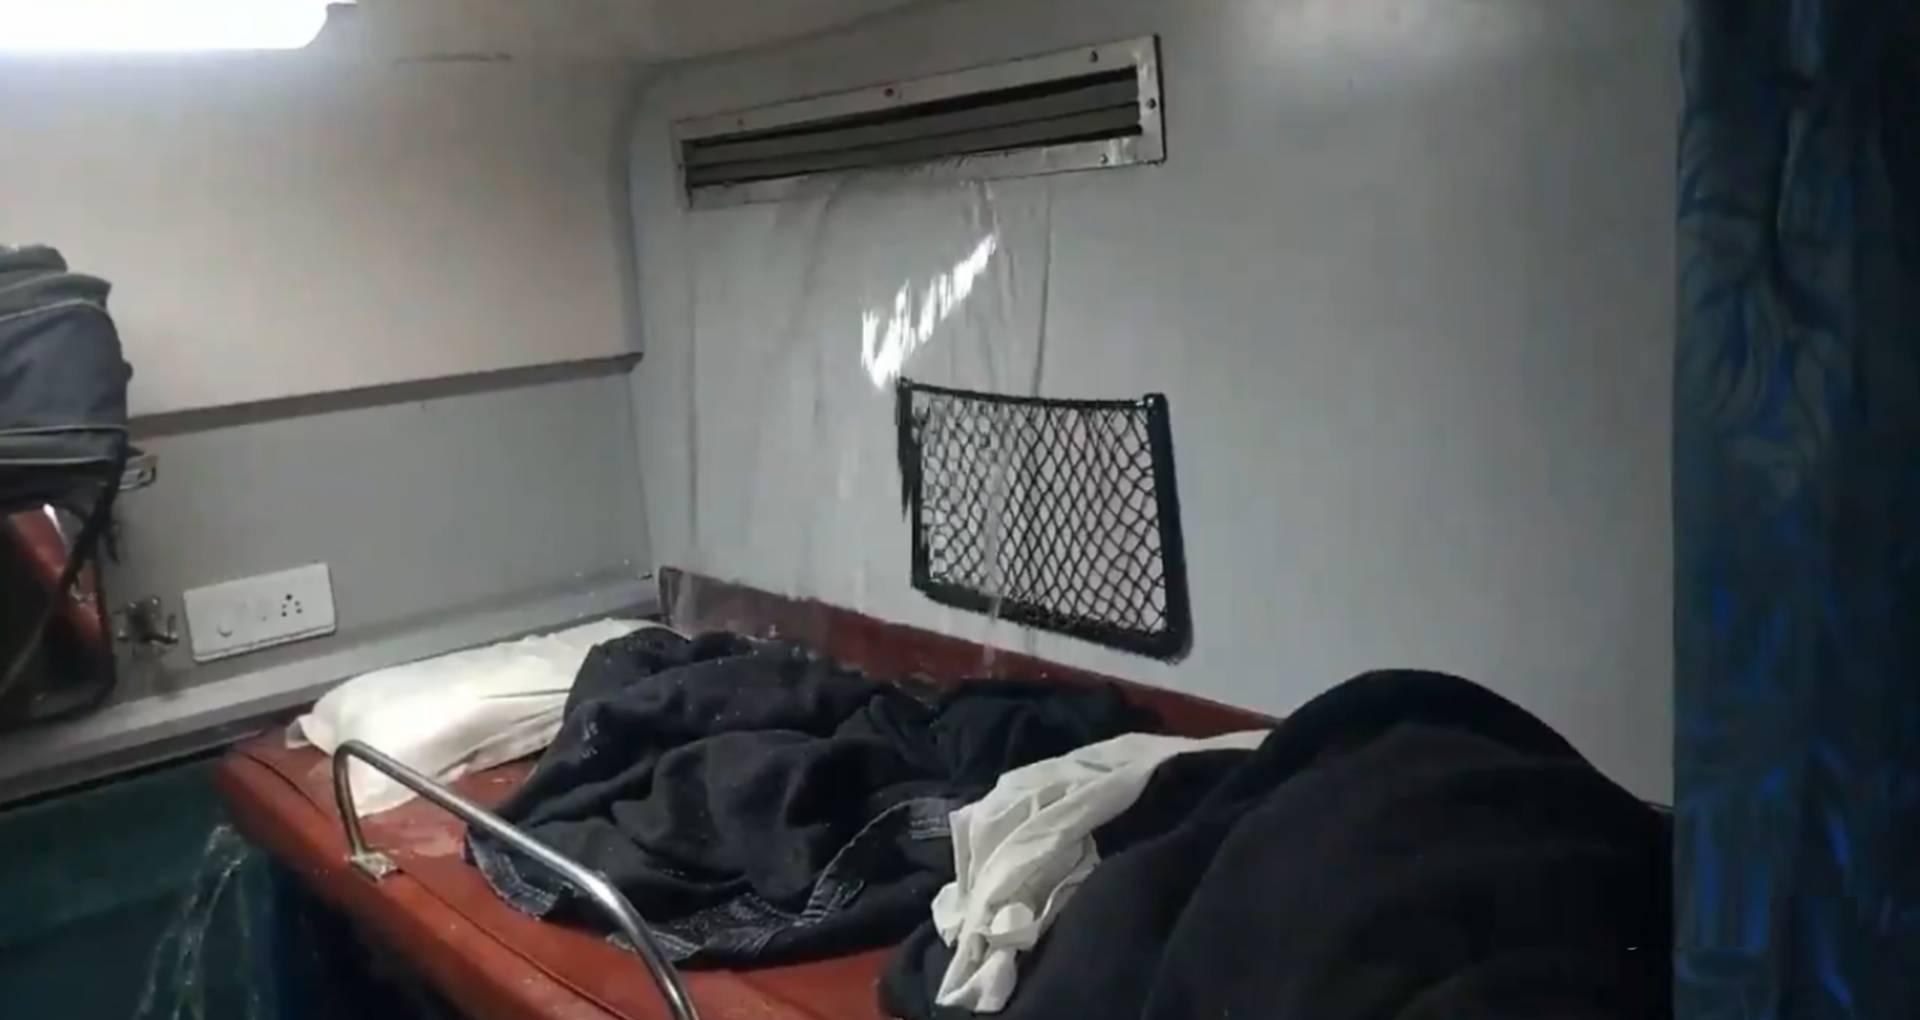 इंडियन रेलवे की फिर खुली पोल, ट्रेन में एसी की ठंडी हवा की जगह बरसने लगा पानी, देखिए ये वायरल वीडियो